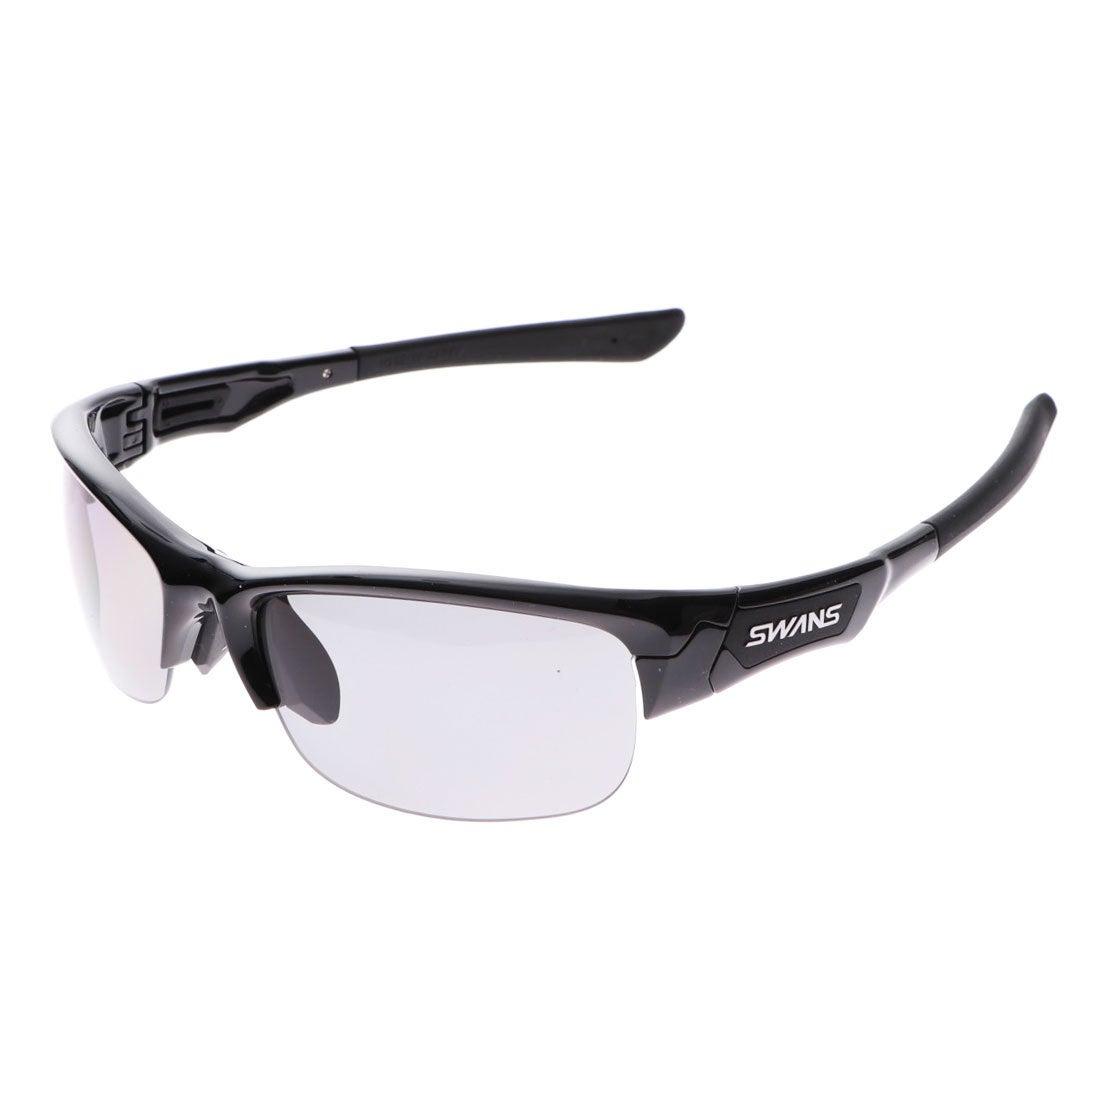 【SALE 20%OFF】スワンズ SWANS ゴルフ サングラス スワンズ SWANS サングラス SPRINGBOK SPB-0051 (BK) SPB-0051 41 レディース メンズ